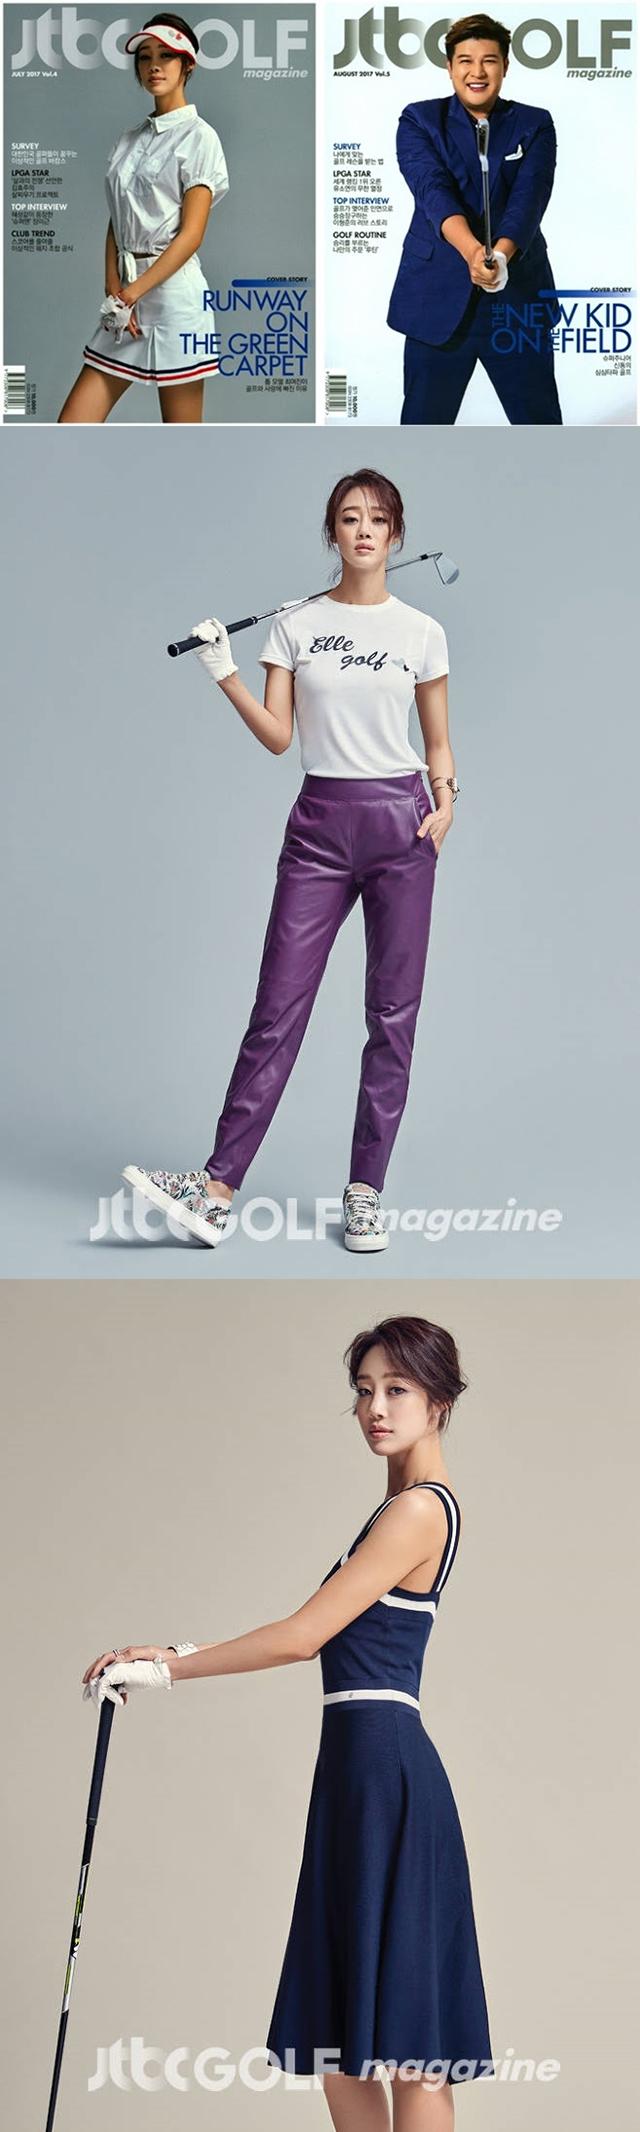 写真:JTBCゴルフマガジン